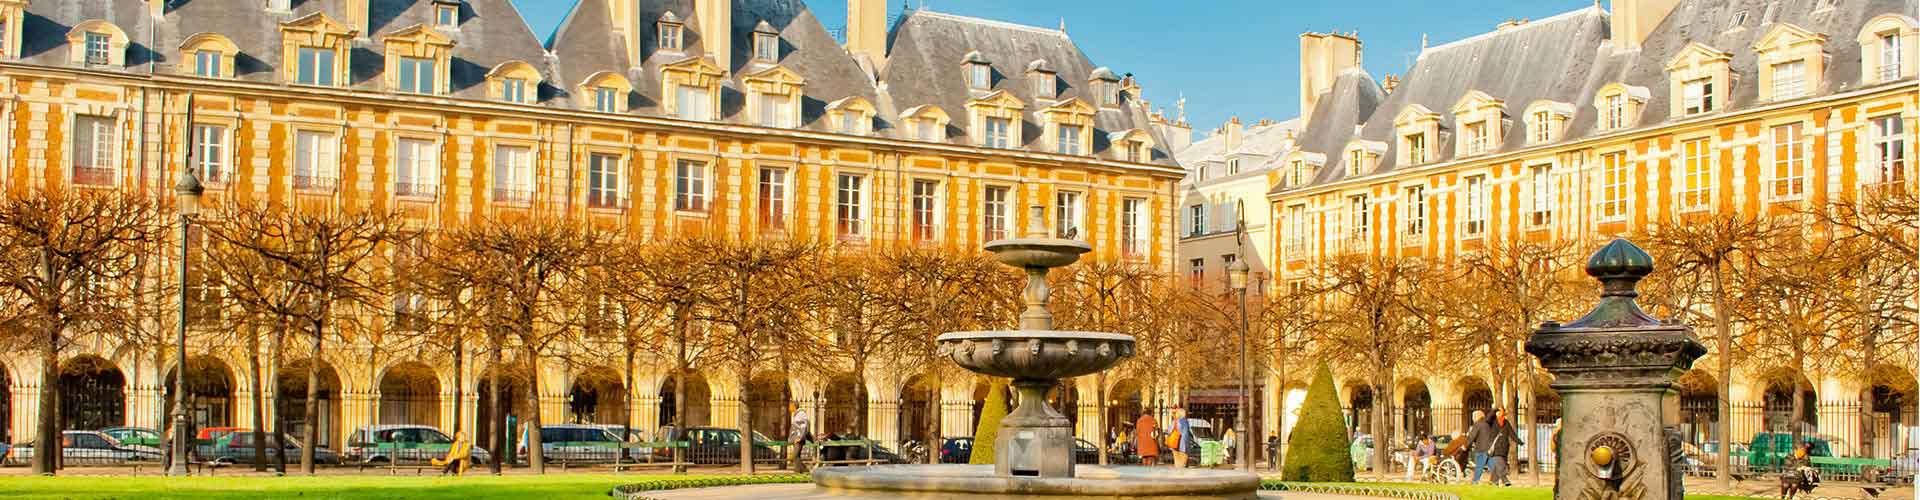 Paris - Auberges de jeunesse près de Place Vendôme. Cartes pour Paris, photos et commentaires pour chaque auberge de jeunesse à Paris.